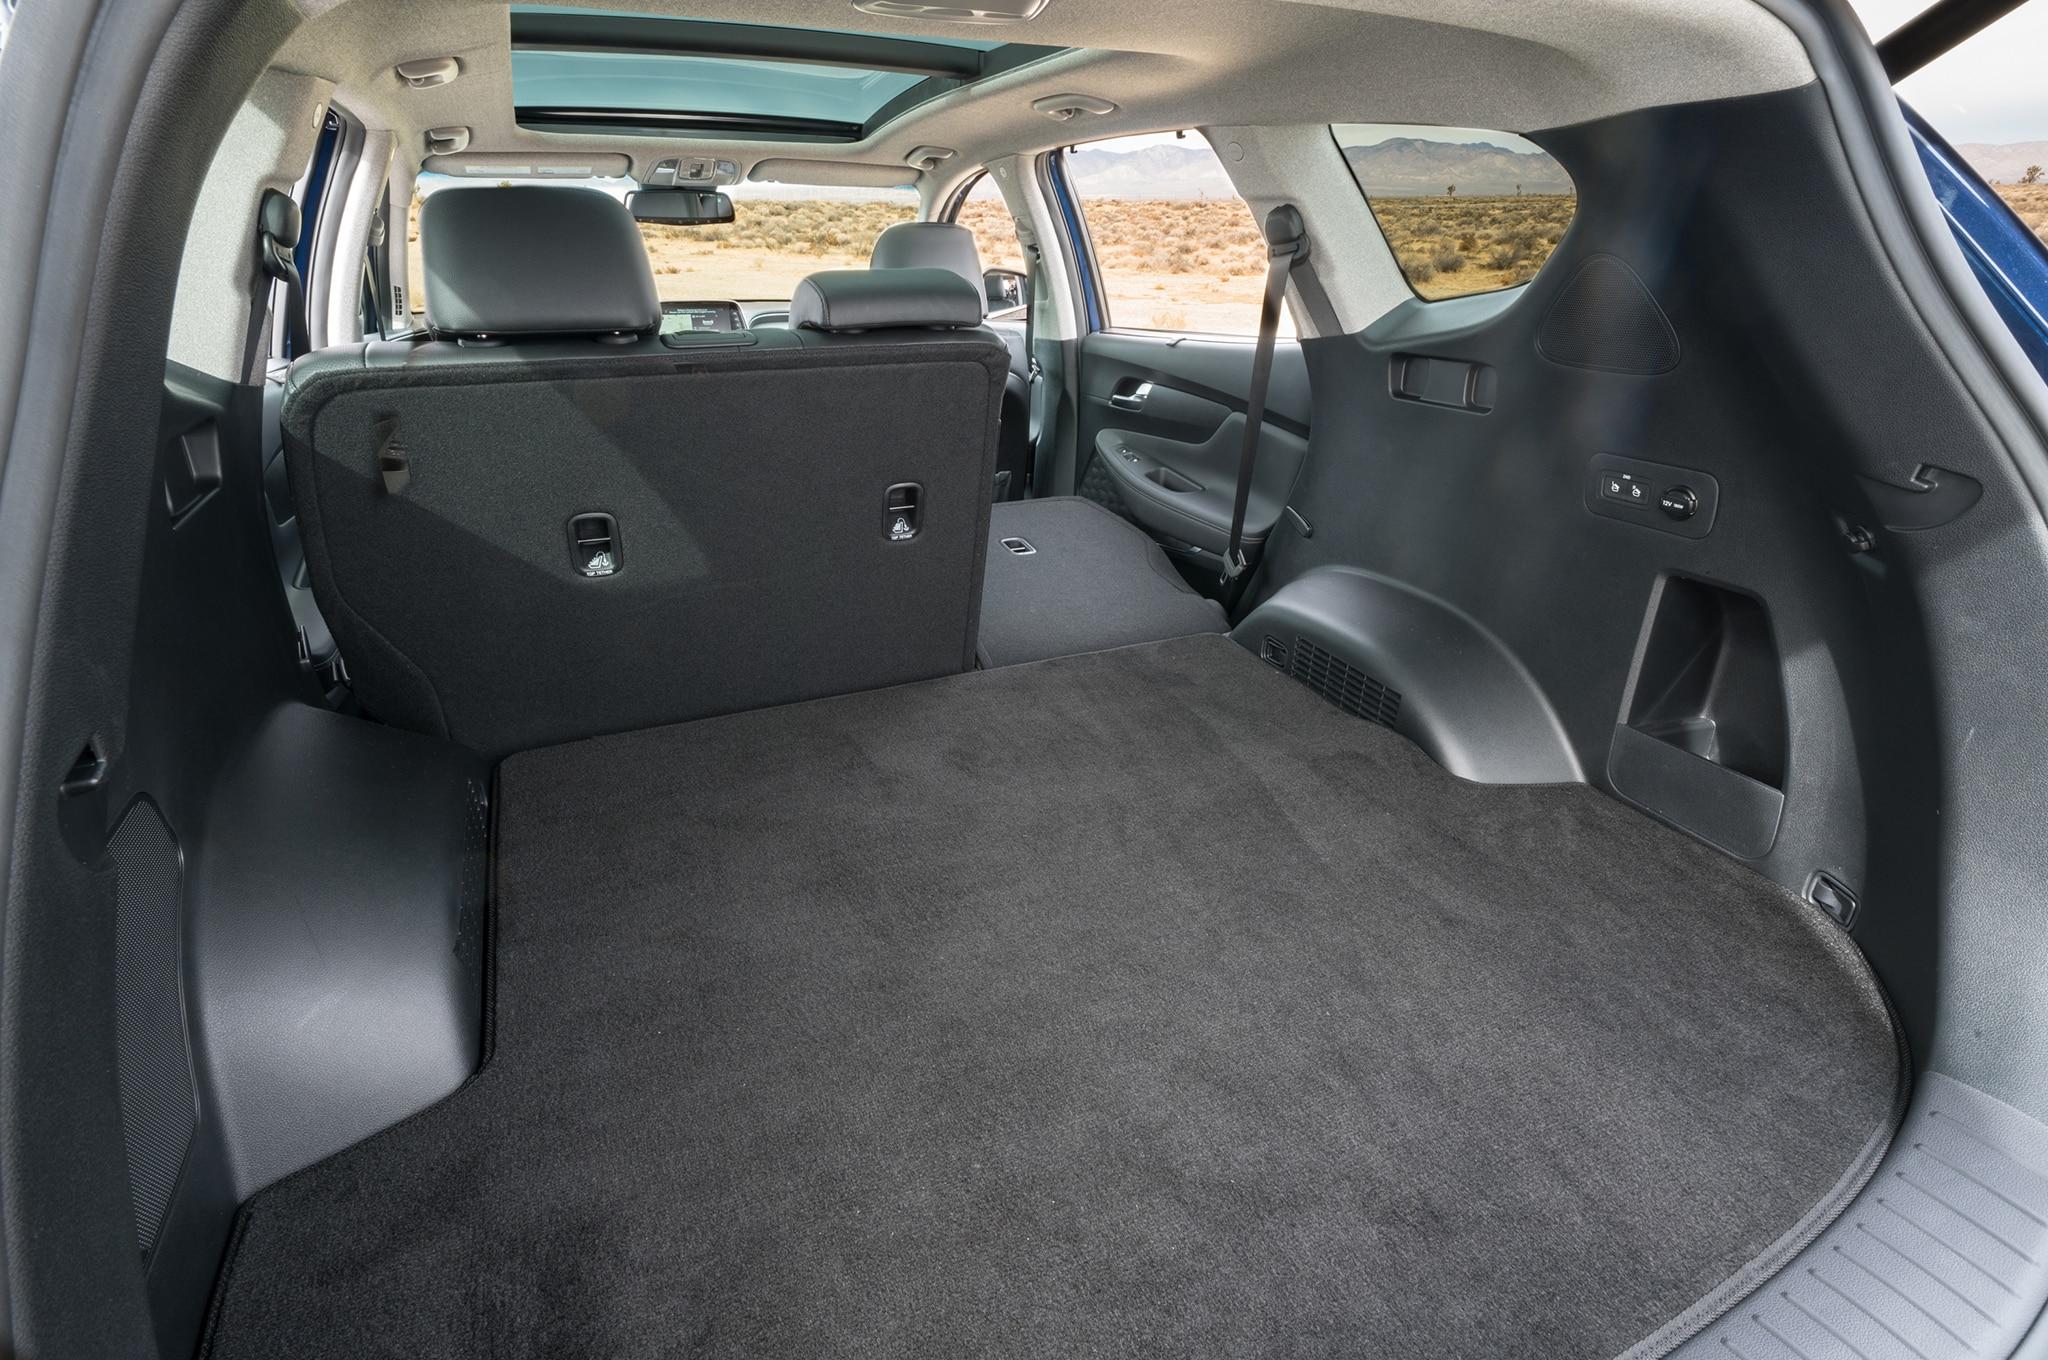 U S -Spec 2019 Hyundai Santa Fe Due in August | Automobile